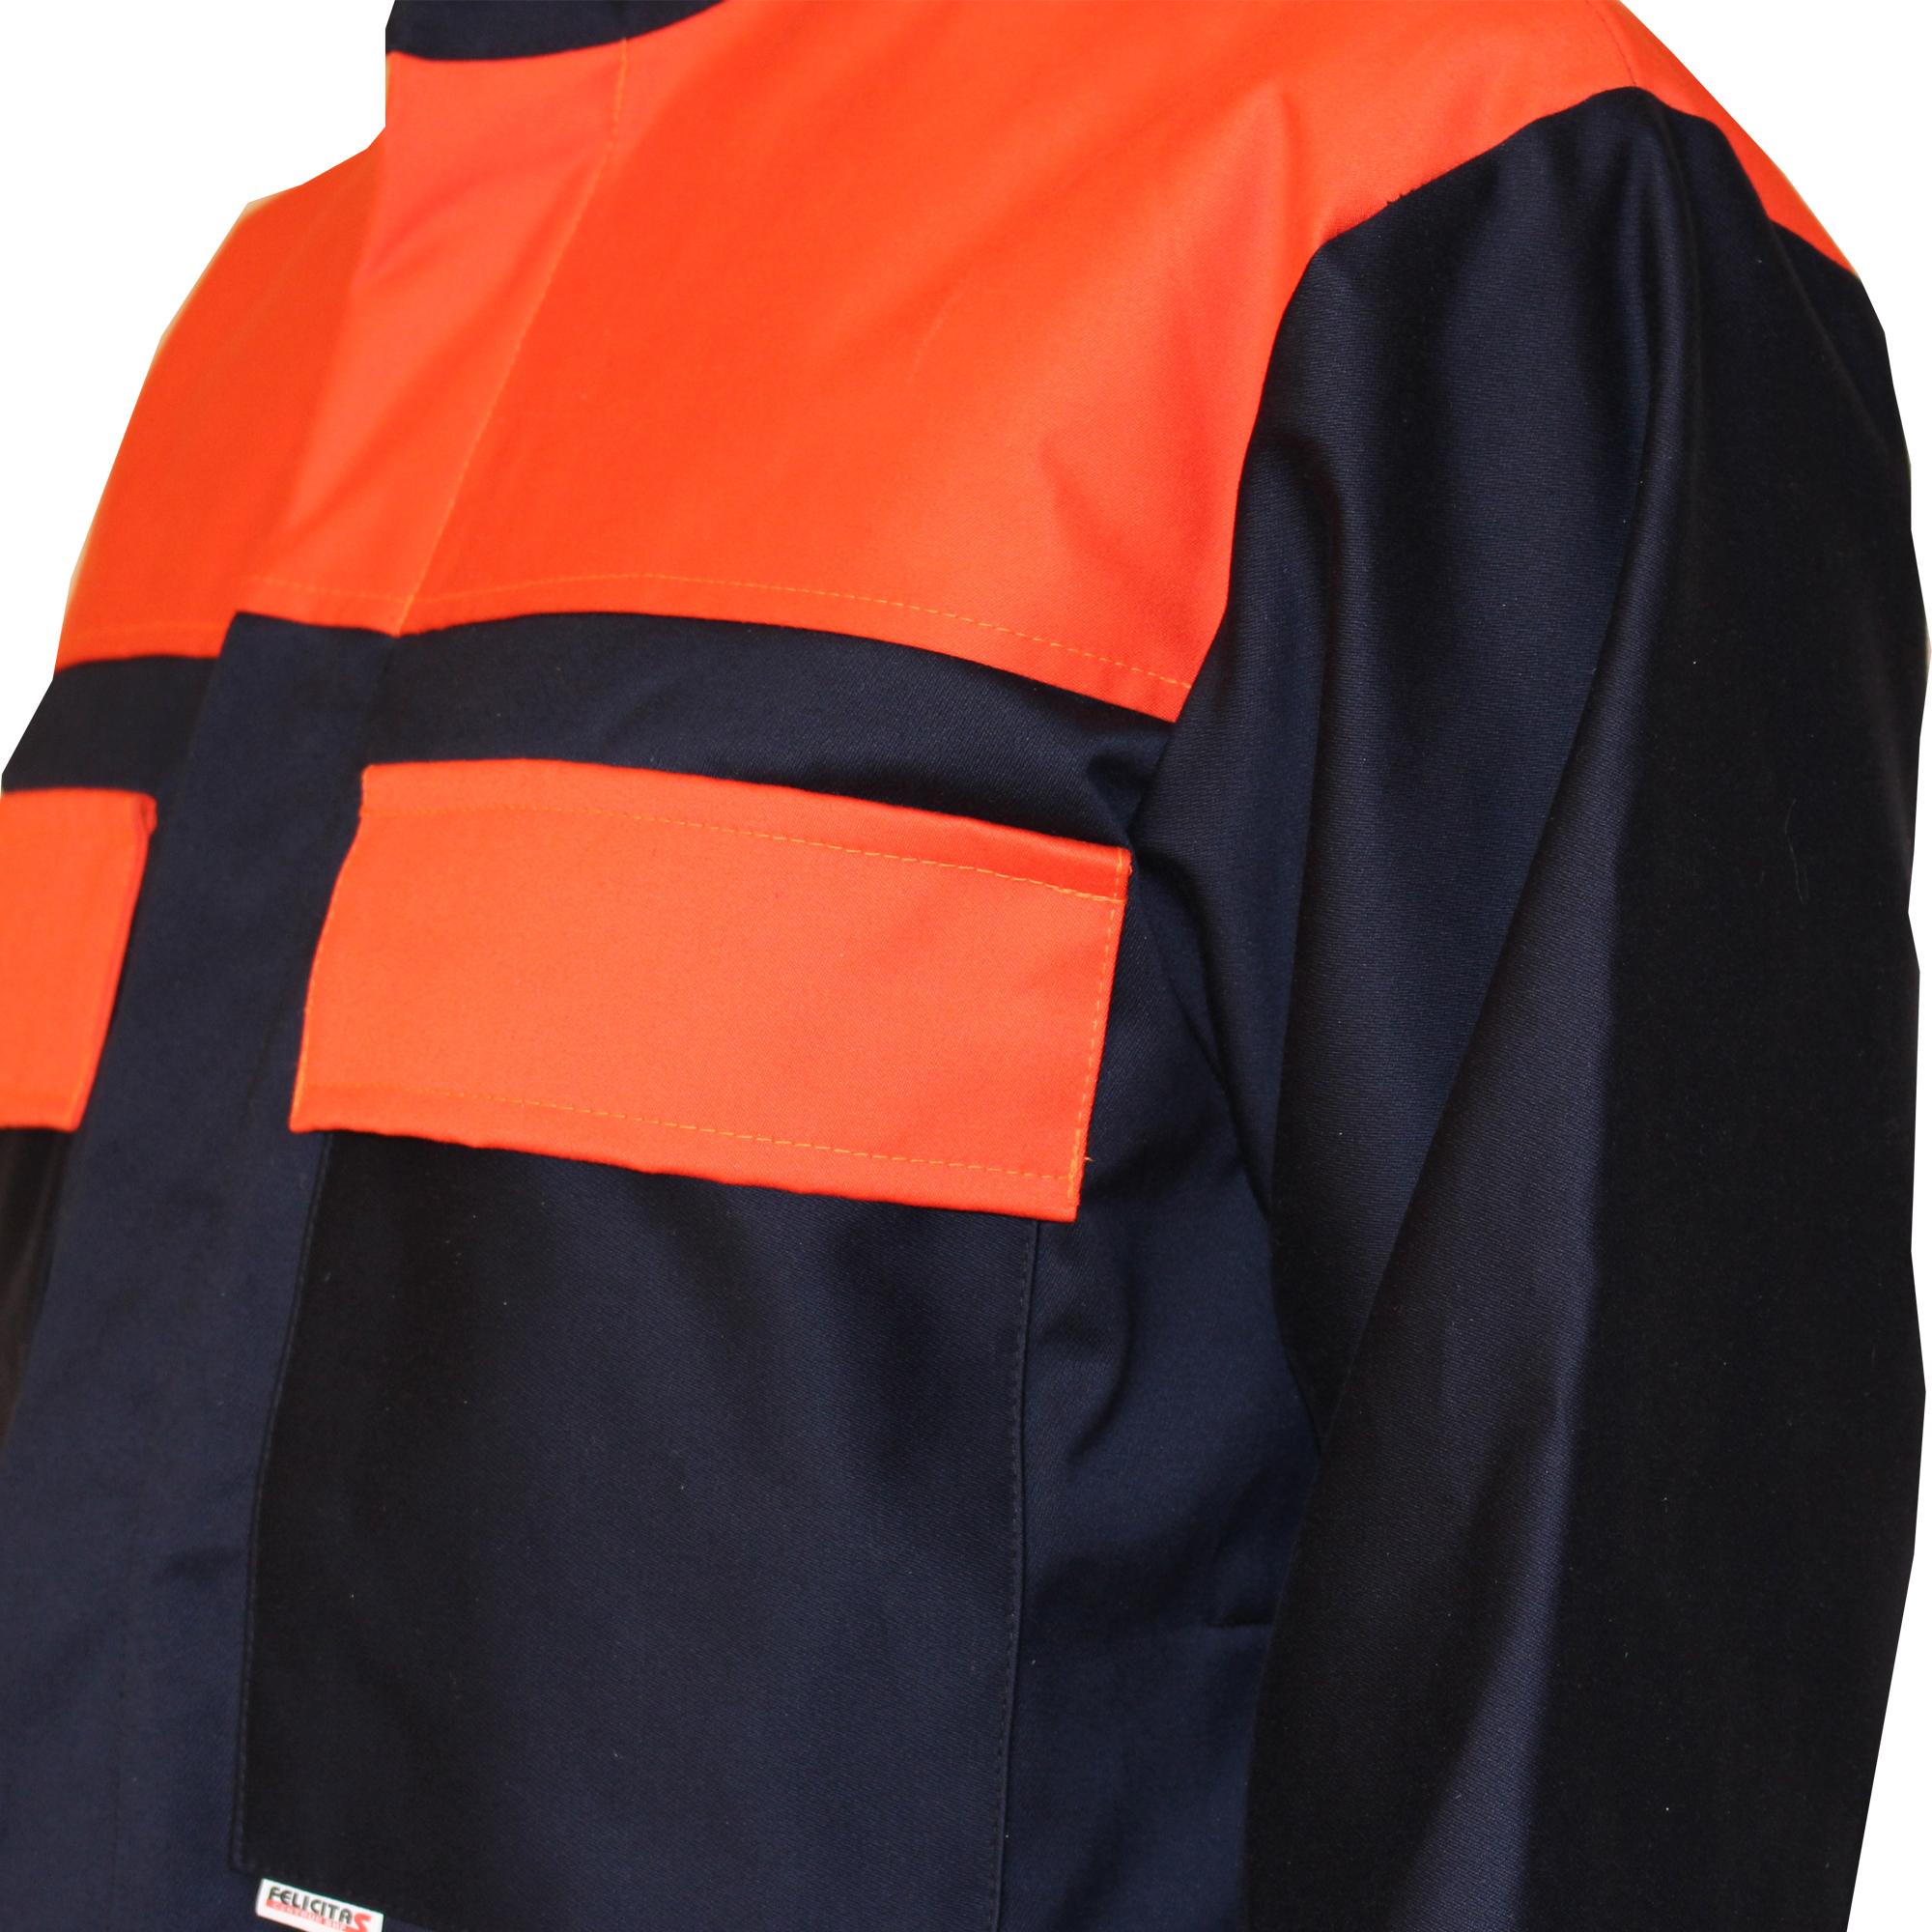 kieszenie w bluzie kryte napą - ubranie xispal 841